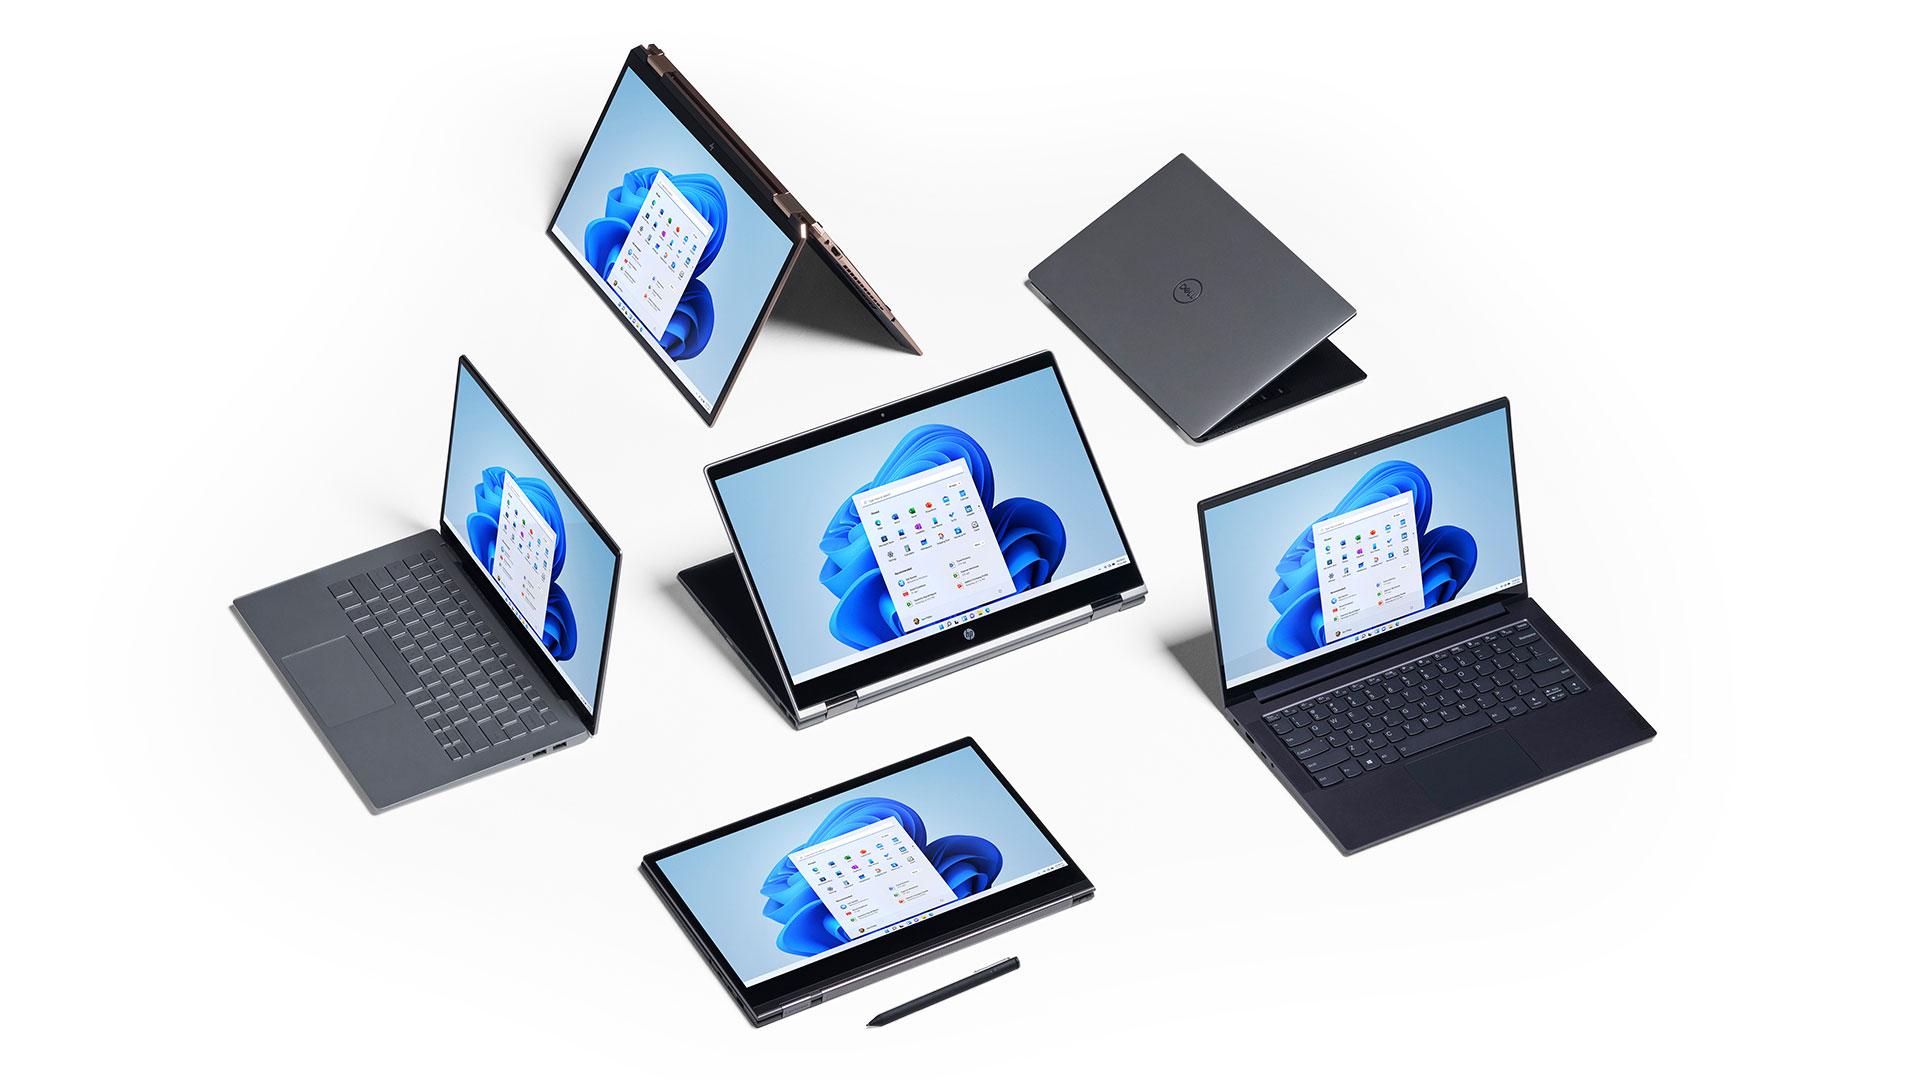 Windows 11 ノート PC 6 台が並んでいる